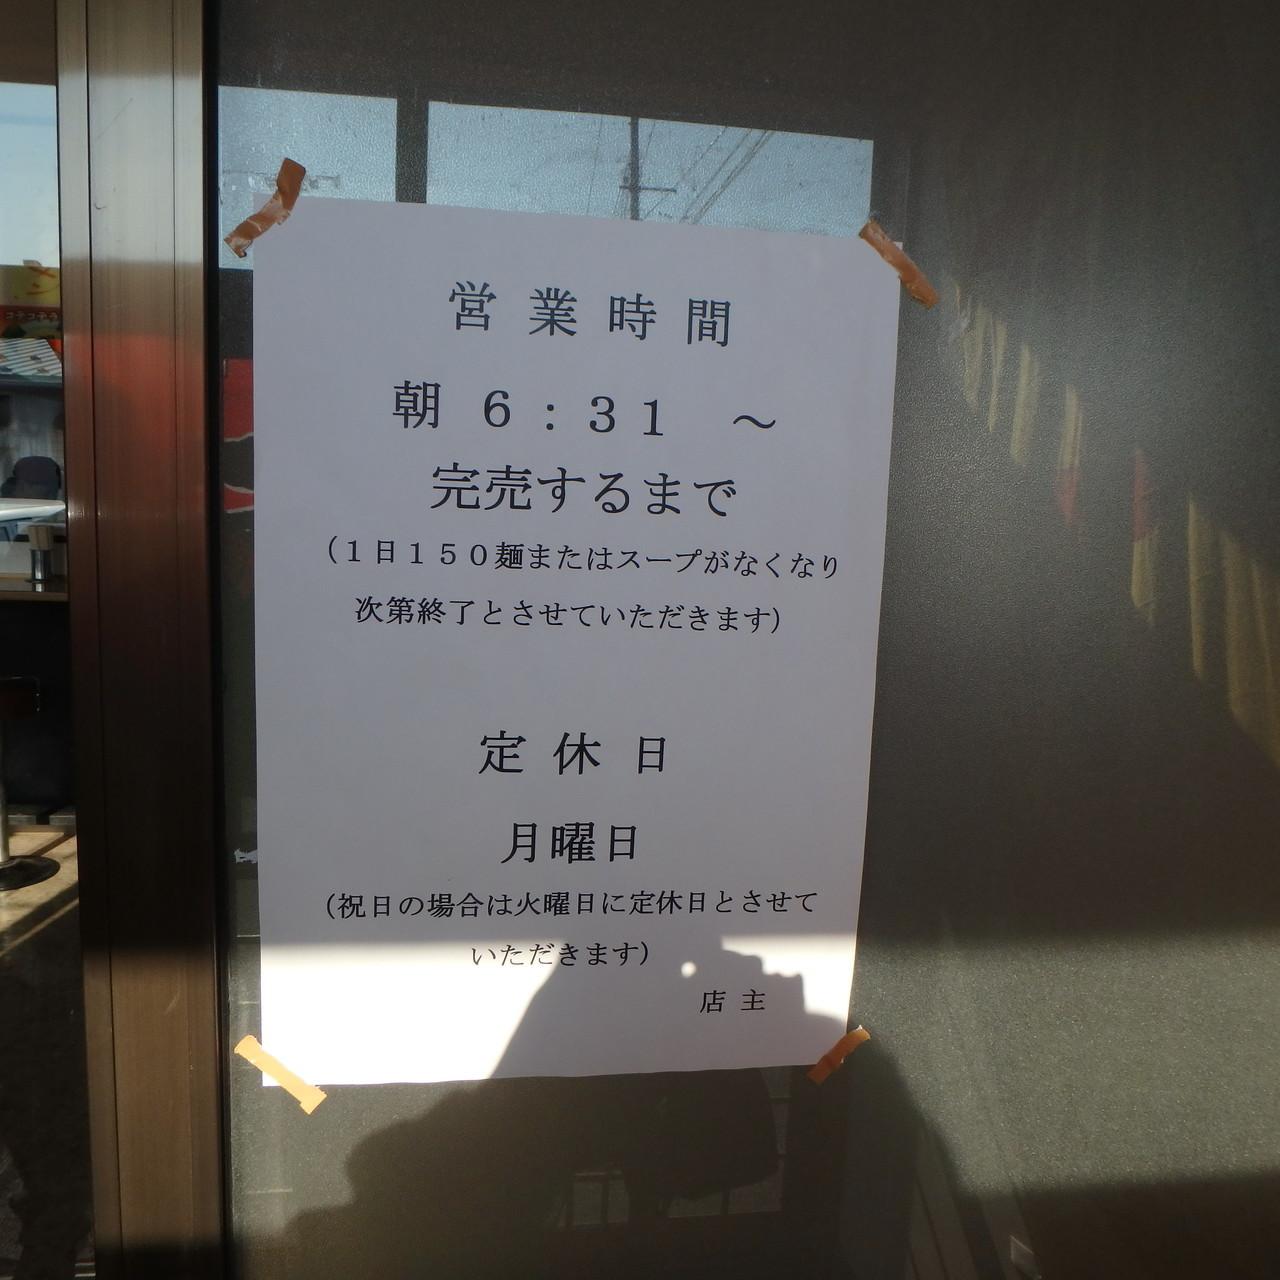 ラーメンショップ (奥州店) image